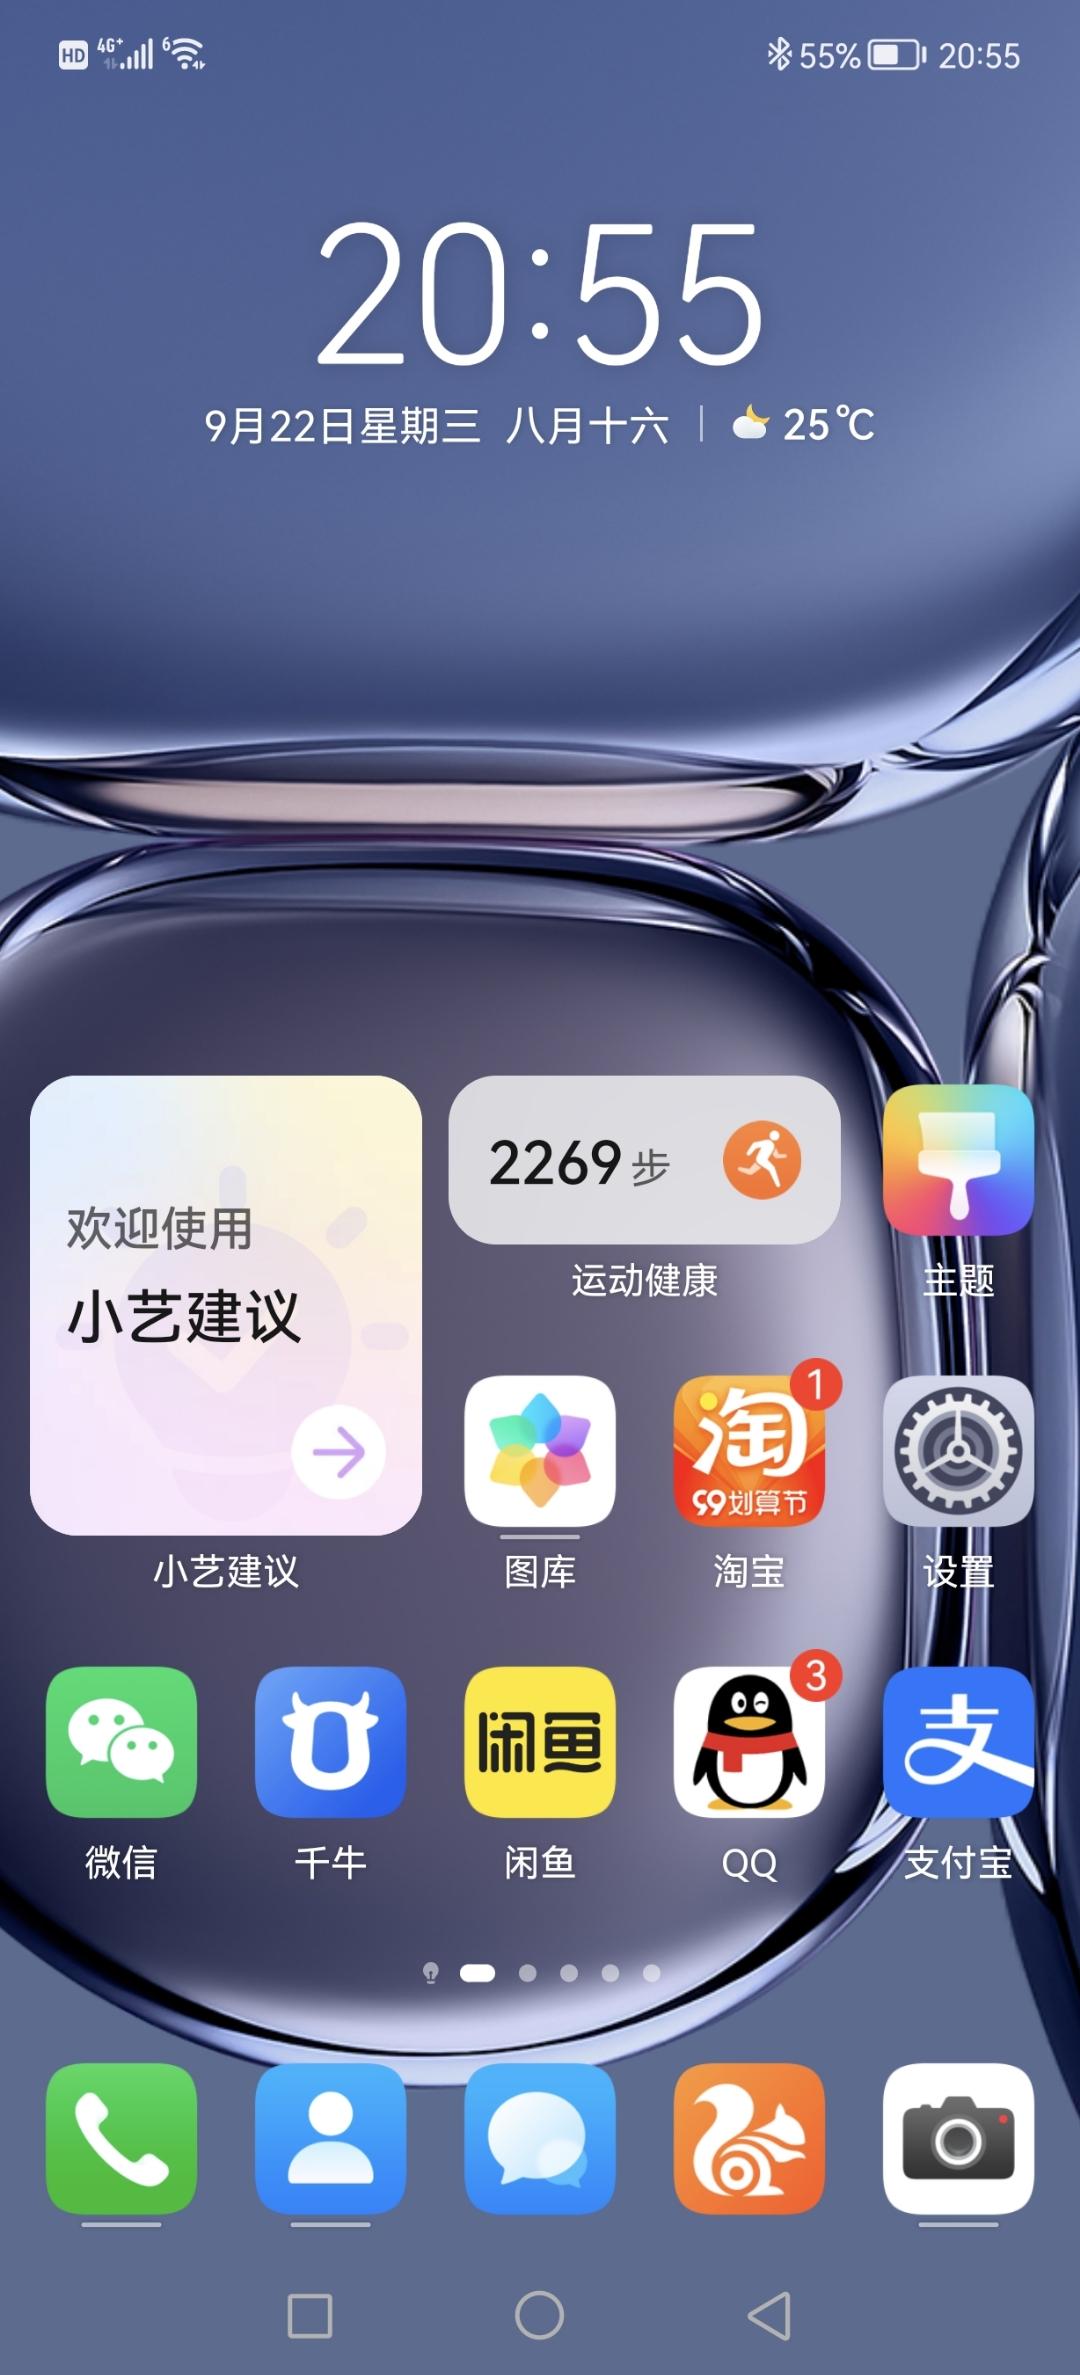 Screenshot_20210922_205554_com.huawei.android.launcher.jpg